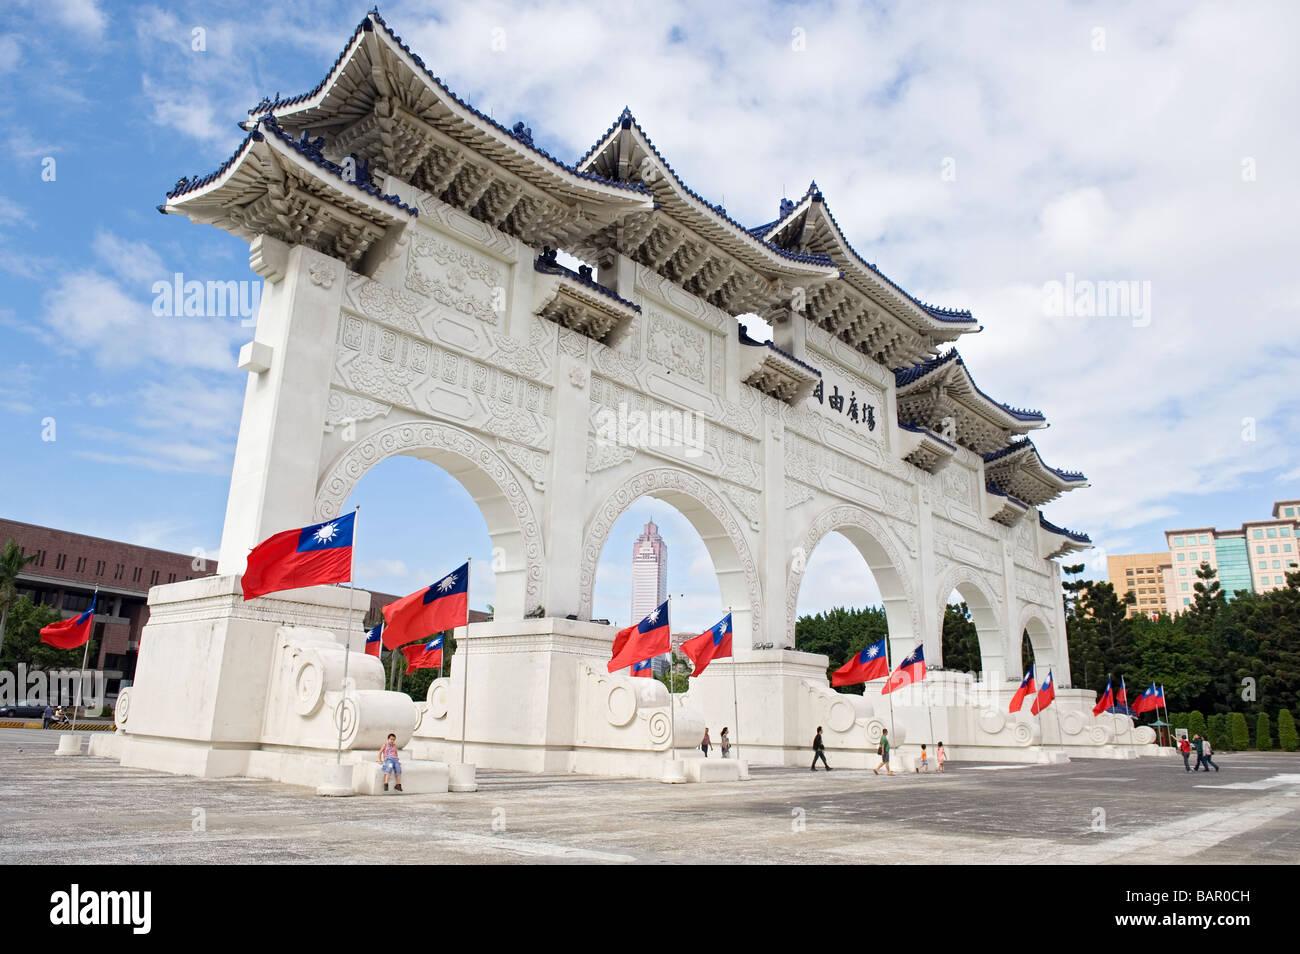 Il cancello di grande centralità e perfetta rettitudine. Taipei, Taiwan. Immagini Stock